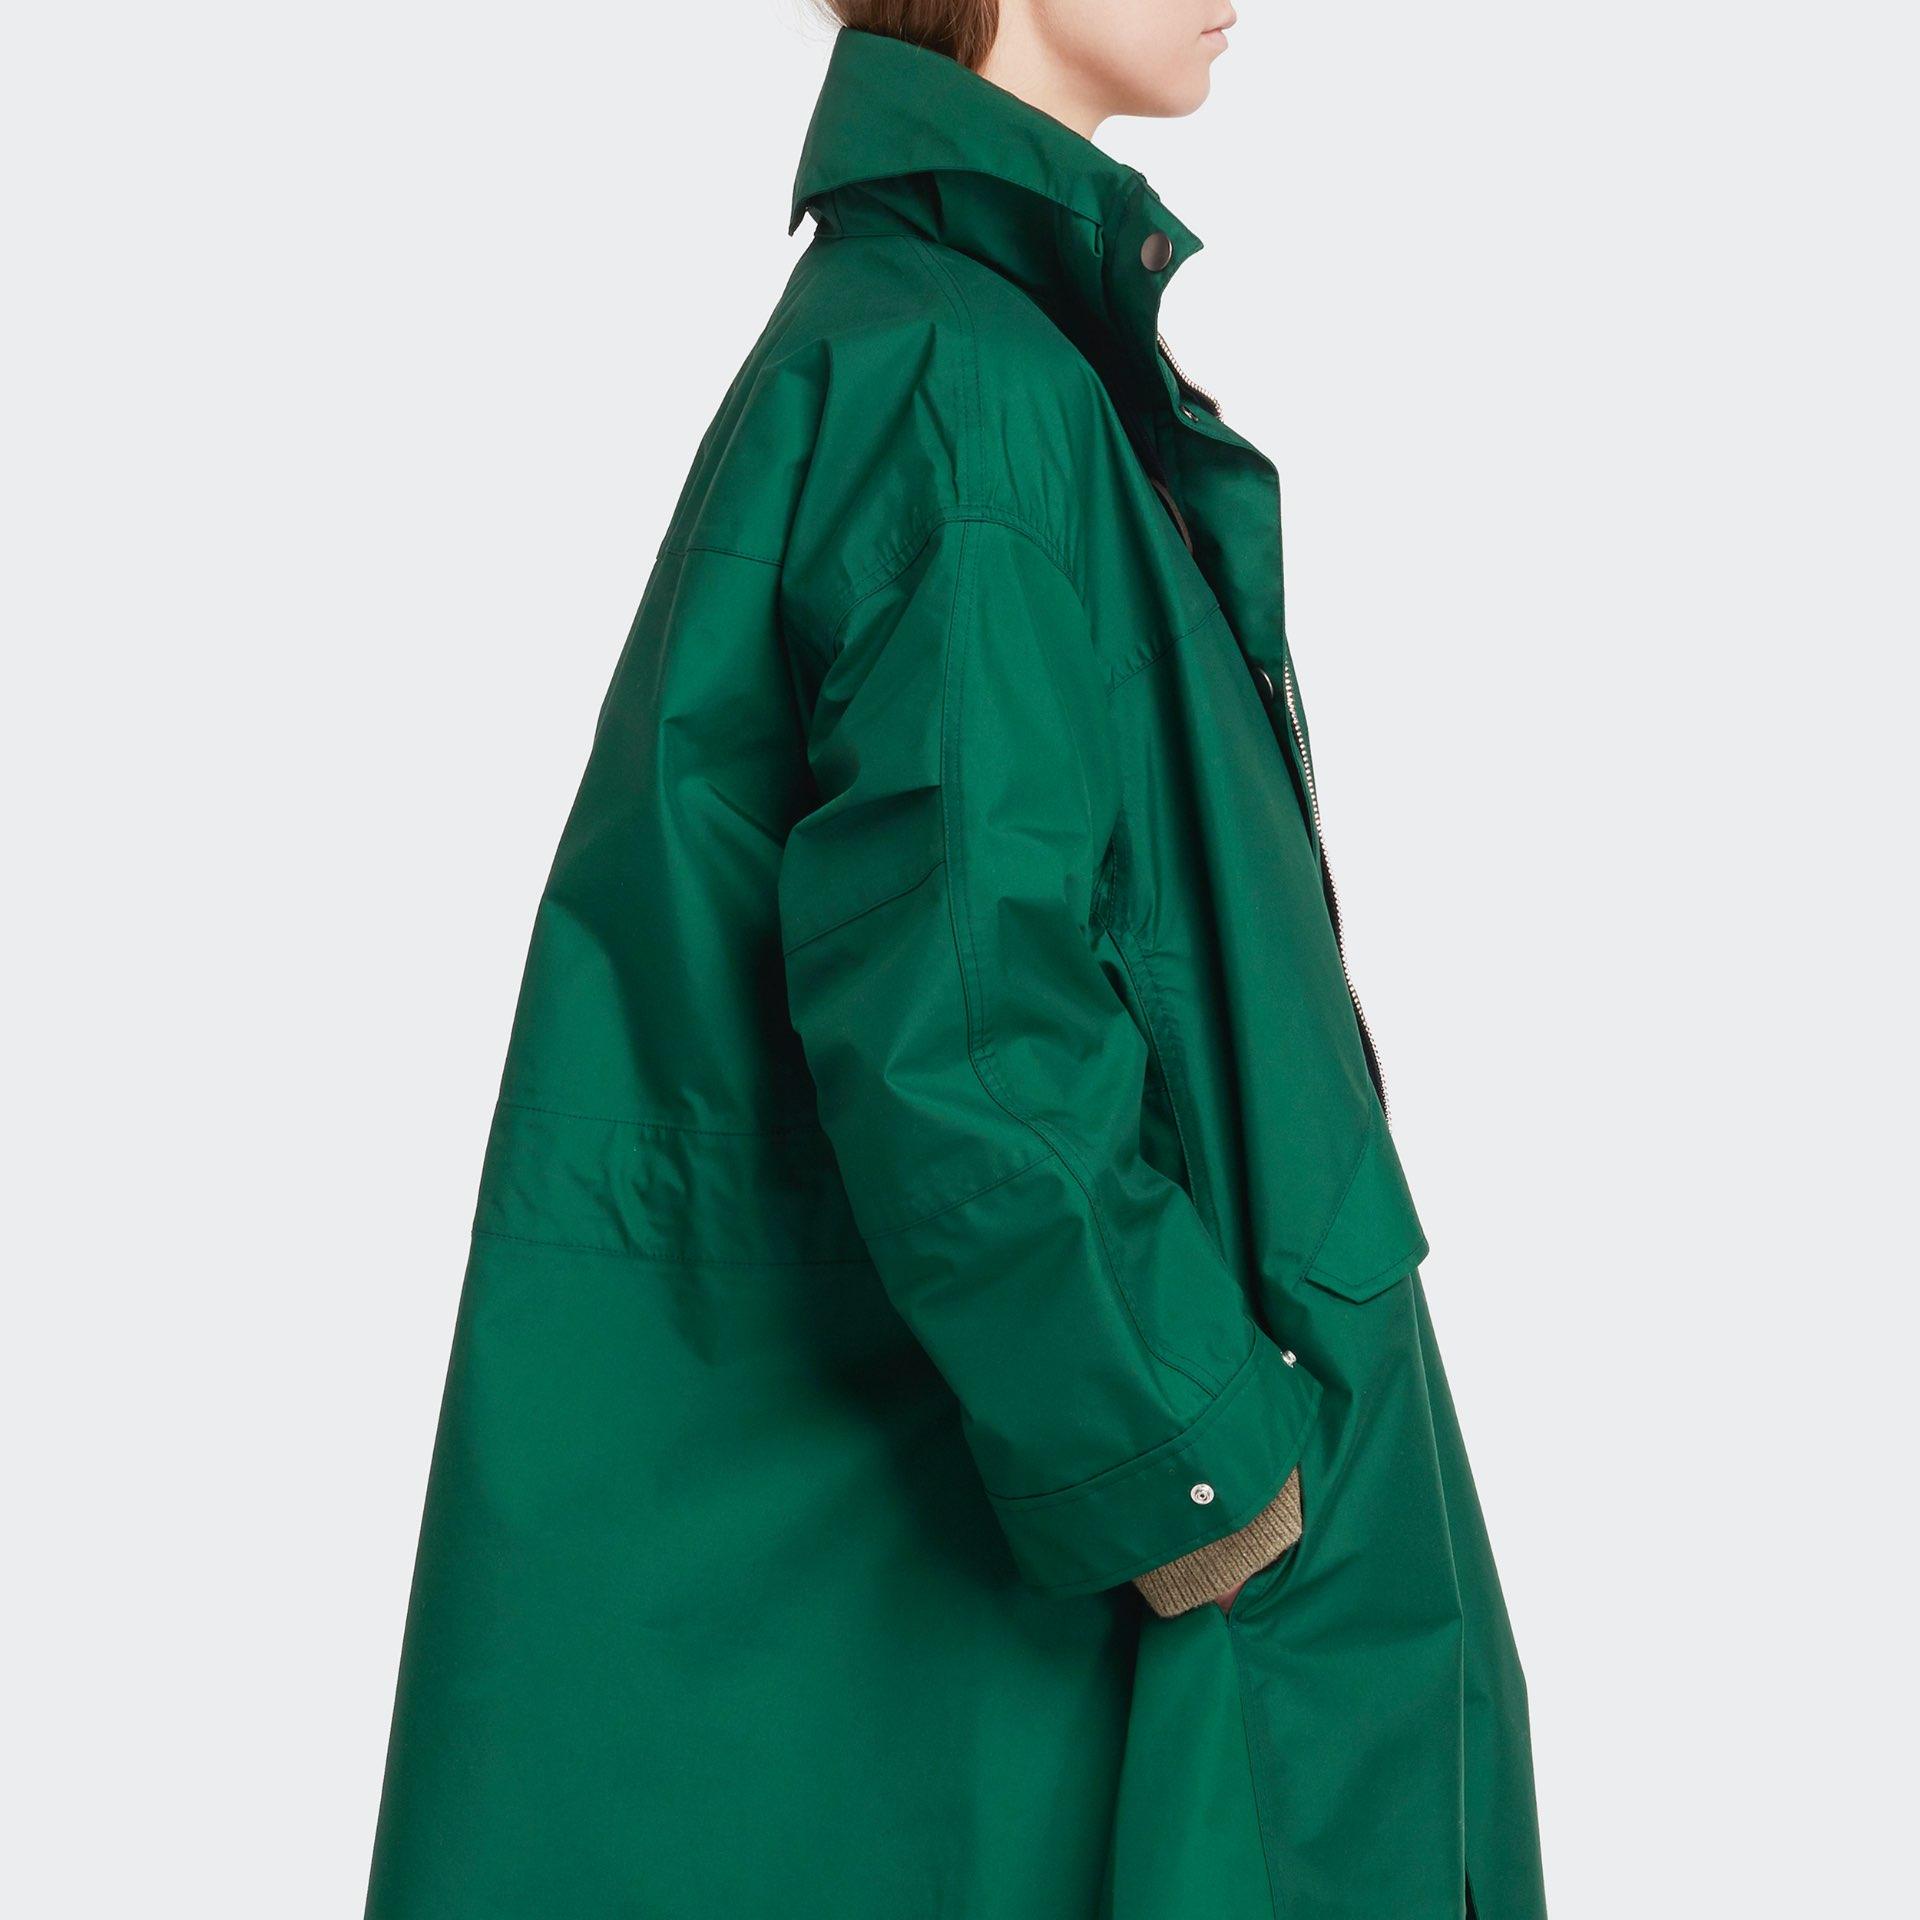 side shot of the womenswear model wearing long green raincoat